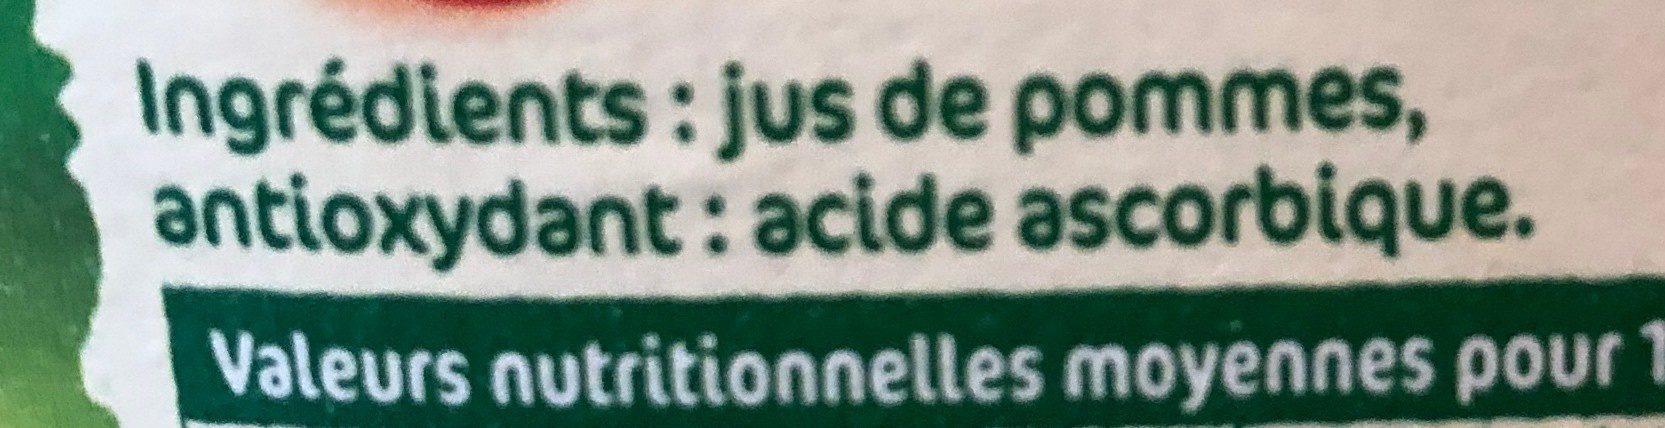 Jus de pommes pressés - Ingrédients - fr